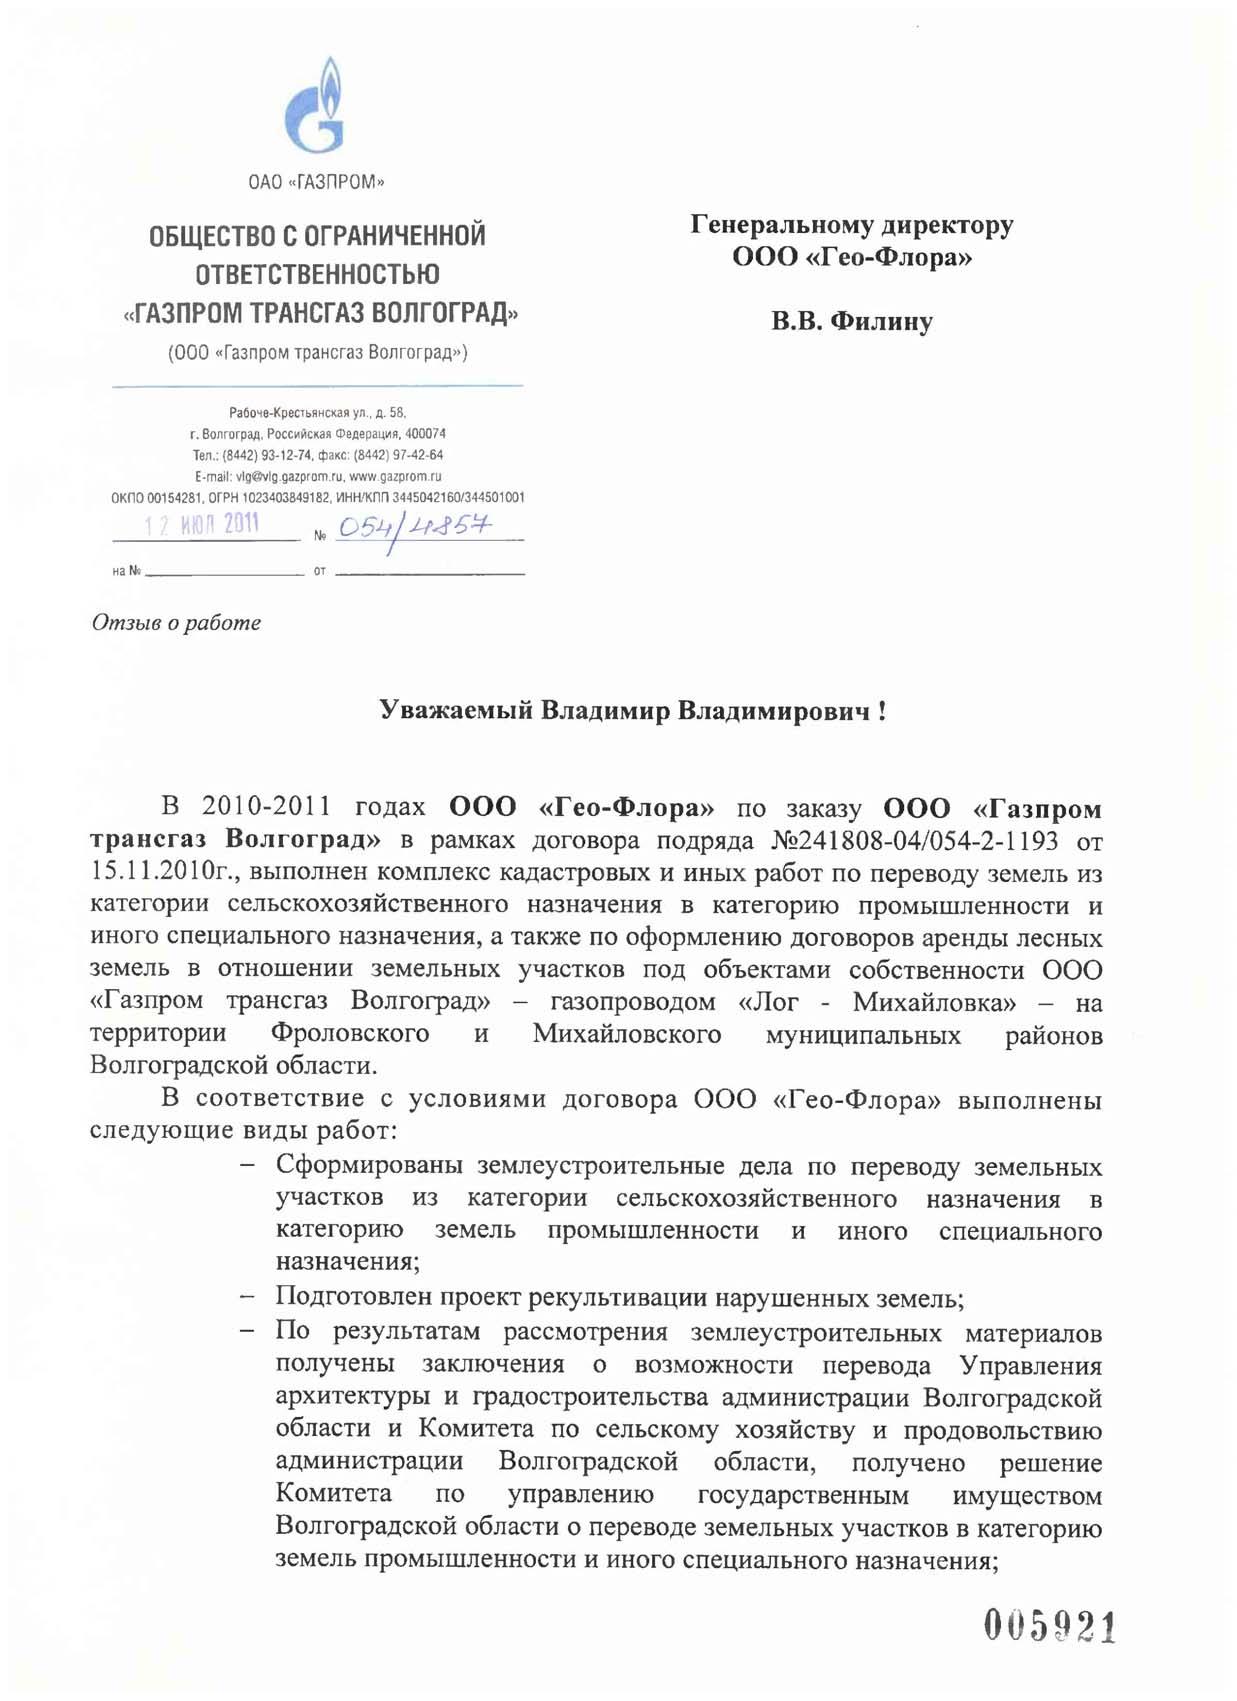 Газпром трансгаз волгоград 2